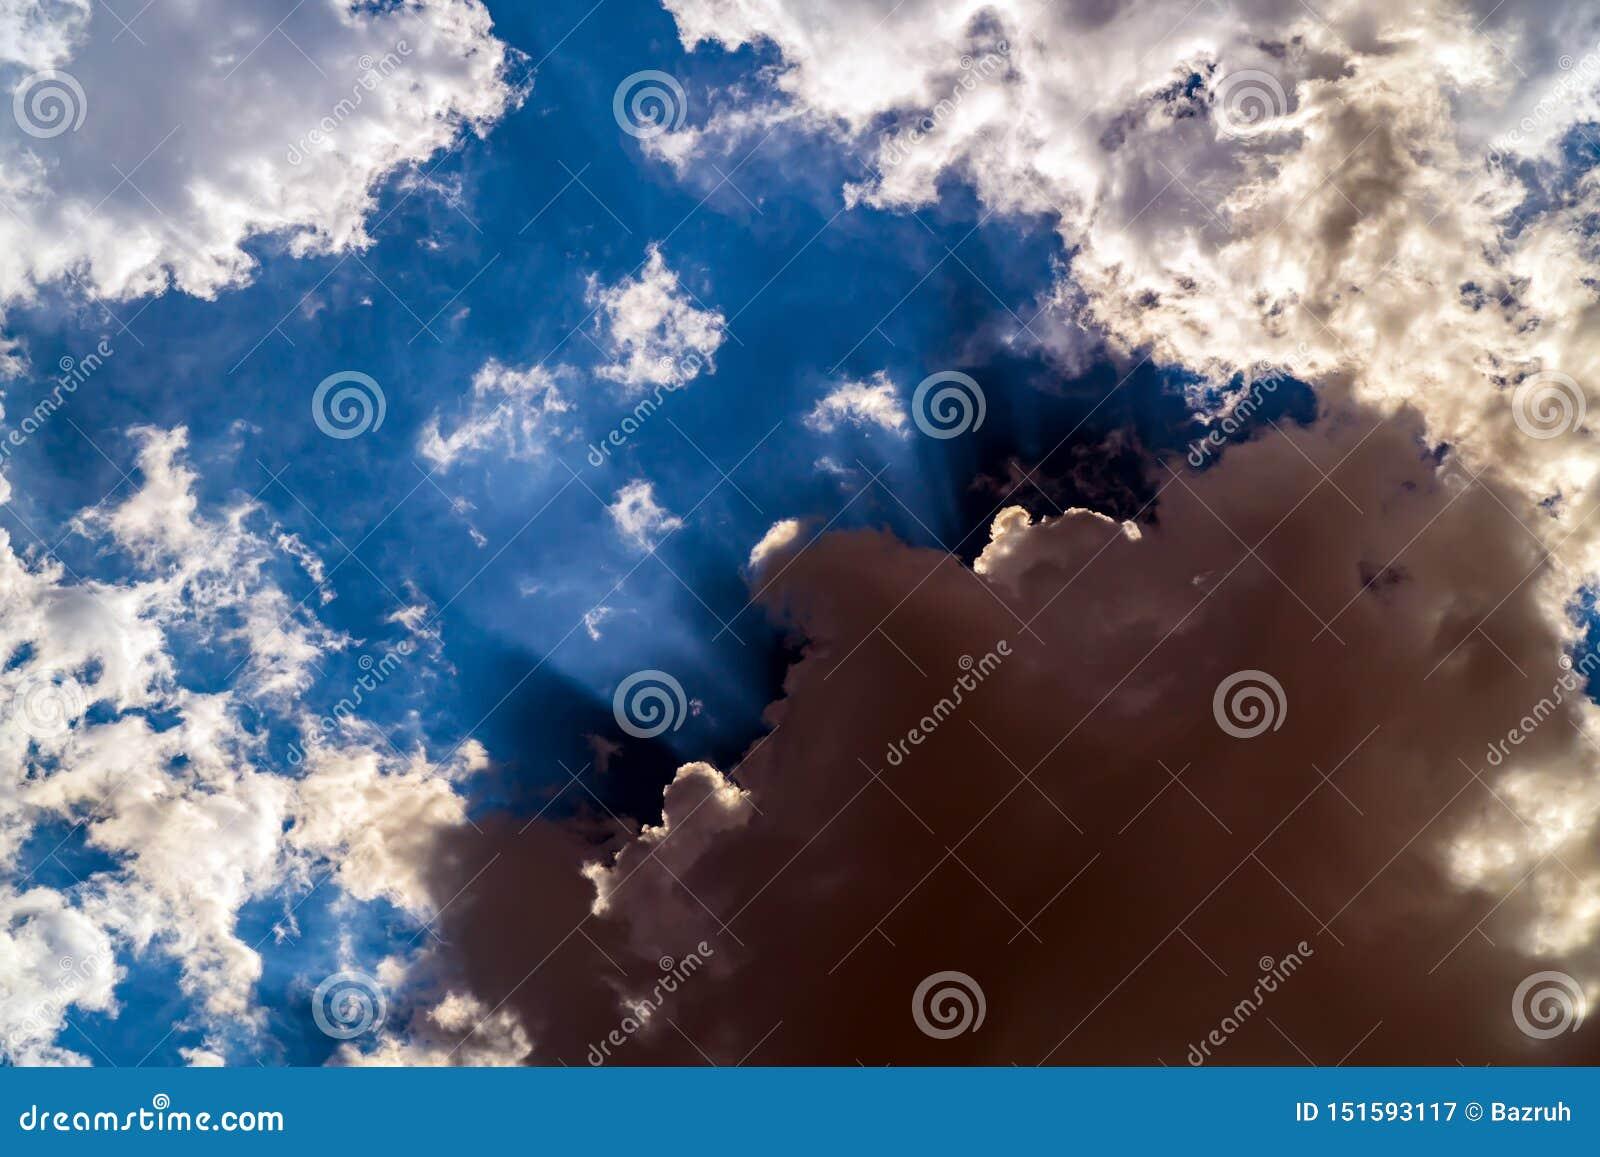 Nuvens de tempestade escuras em um céu azul brilhante